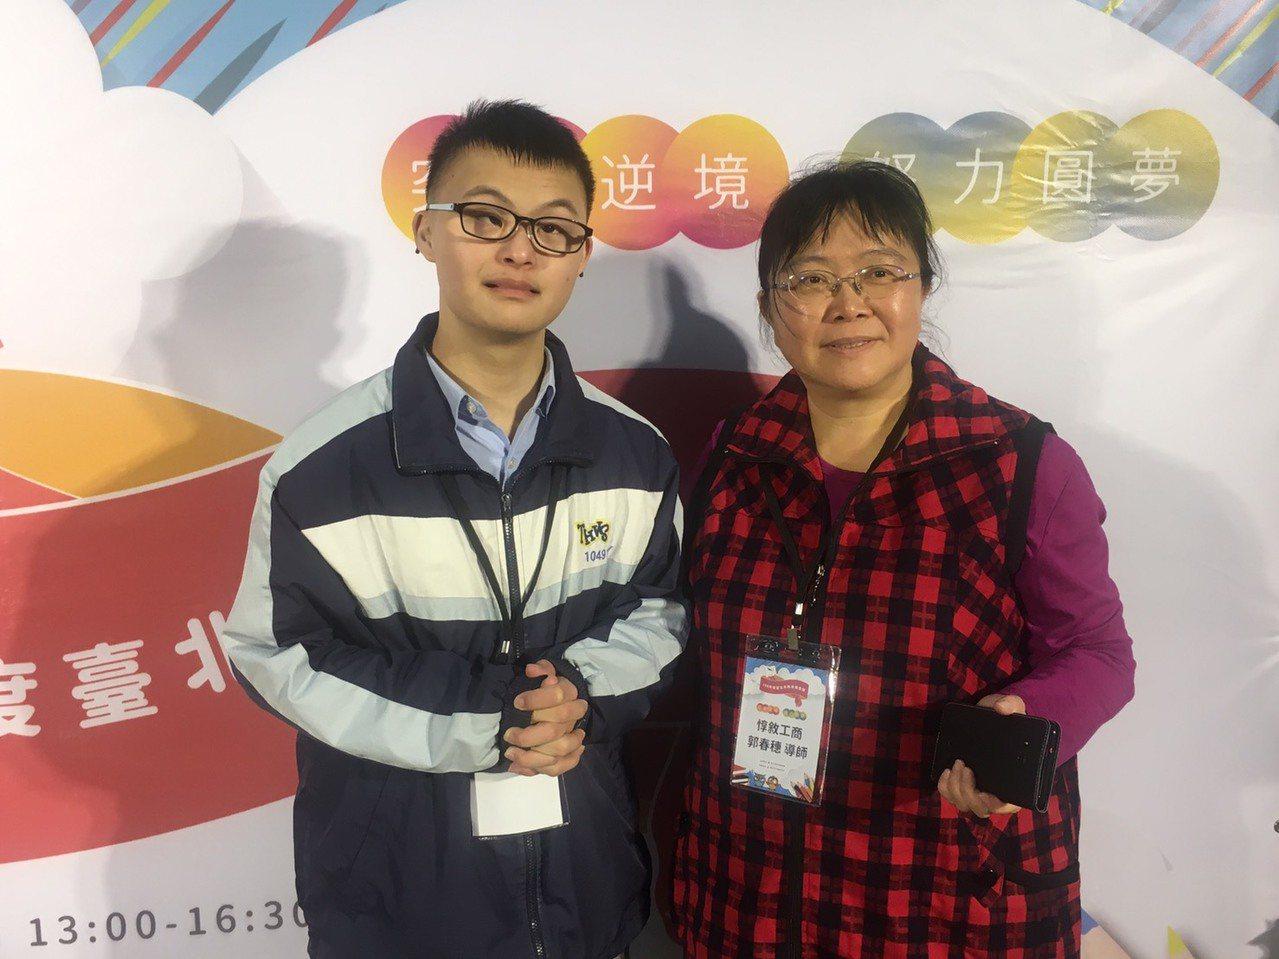 惇敘工商學生謝煒崴(左)罹患唐氏症,從小因肌肉張力低及肌耐力不足,到3、4歲才學...